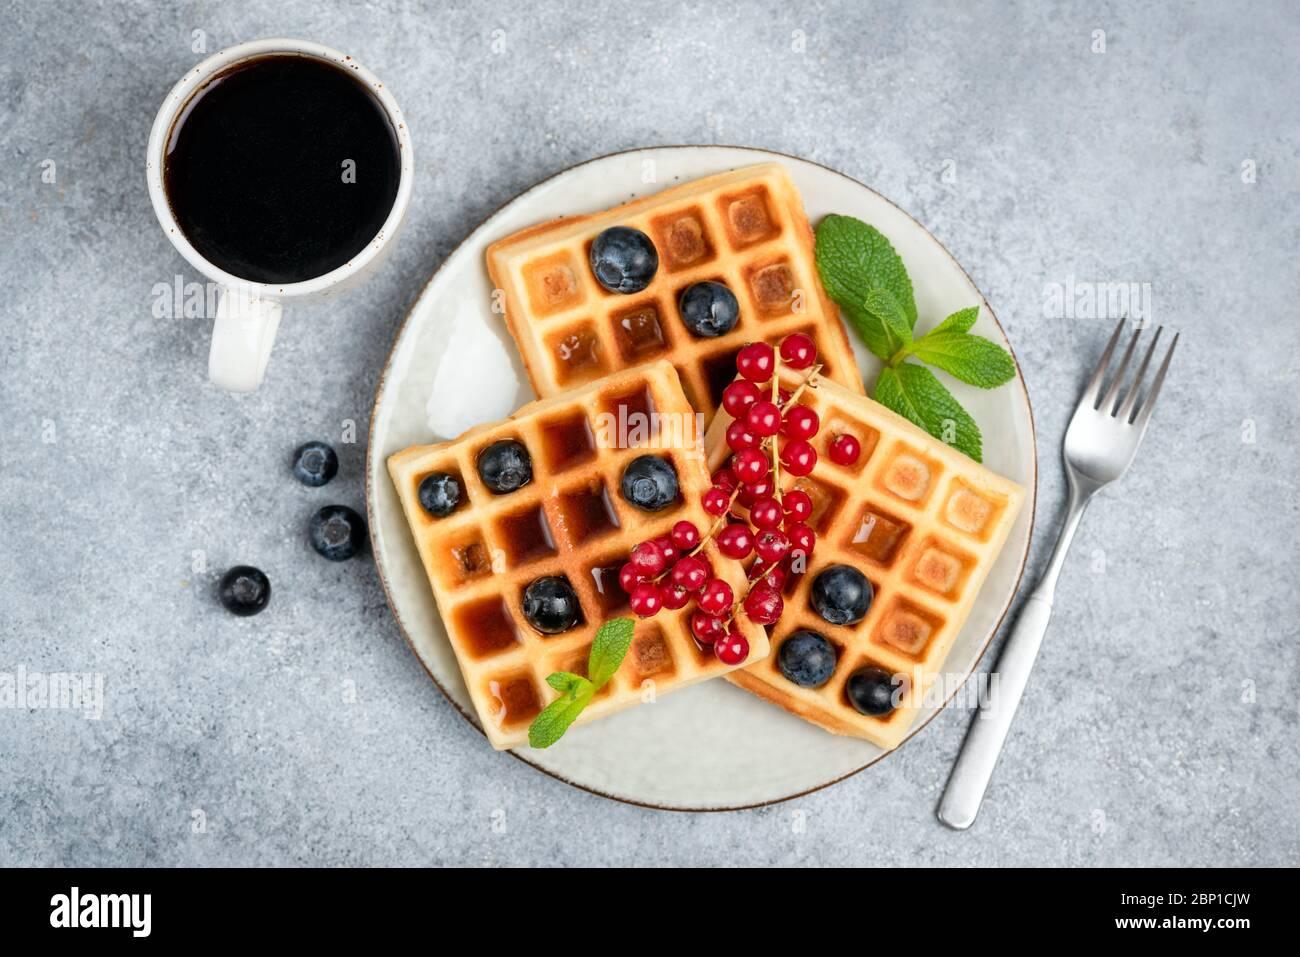 Waffle con frutti di bosco e tazza di caffè. Deliziosi waffle belgi con frutti di bosco, sciroppo e tavolino da caffè nero, vista dall'alto Foto Stock